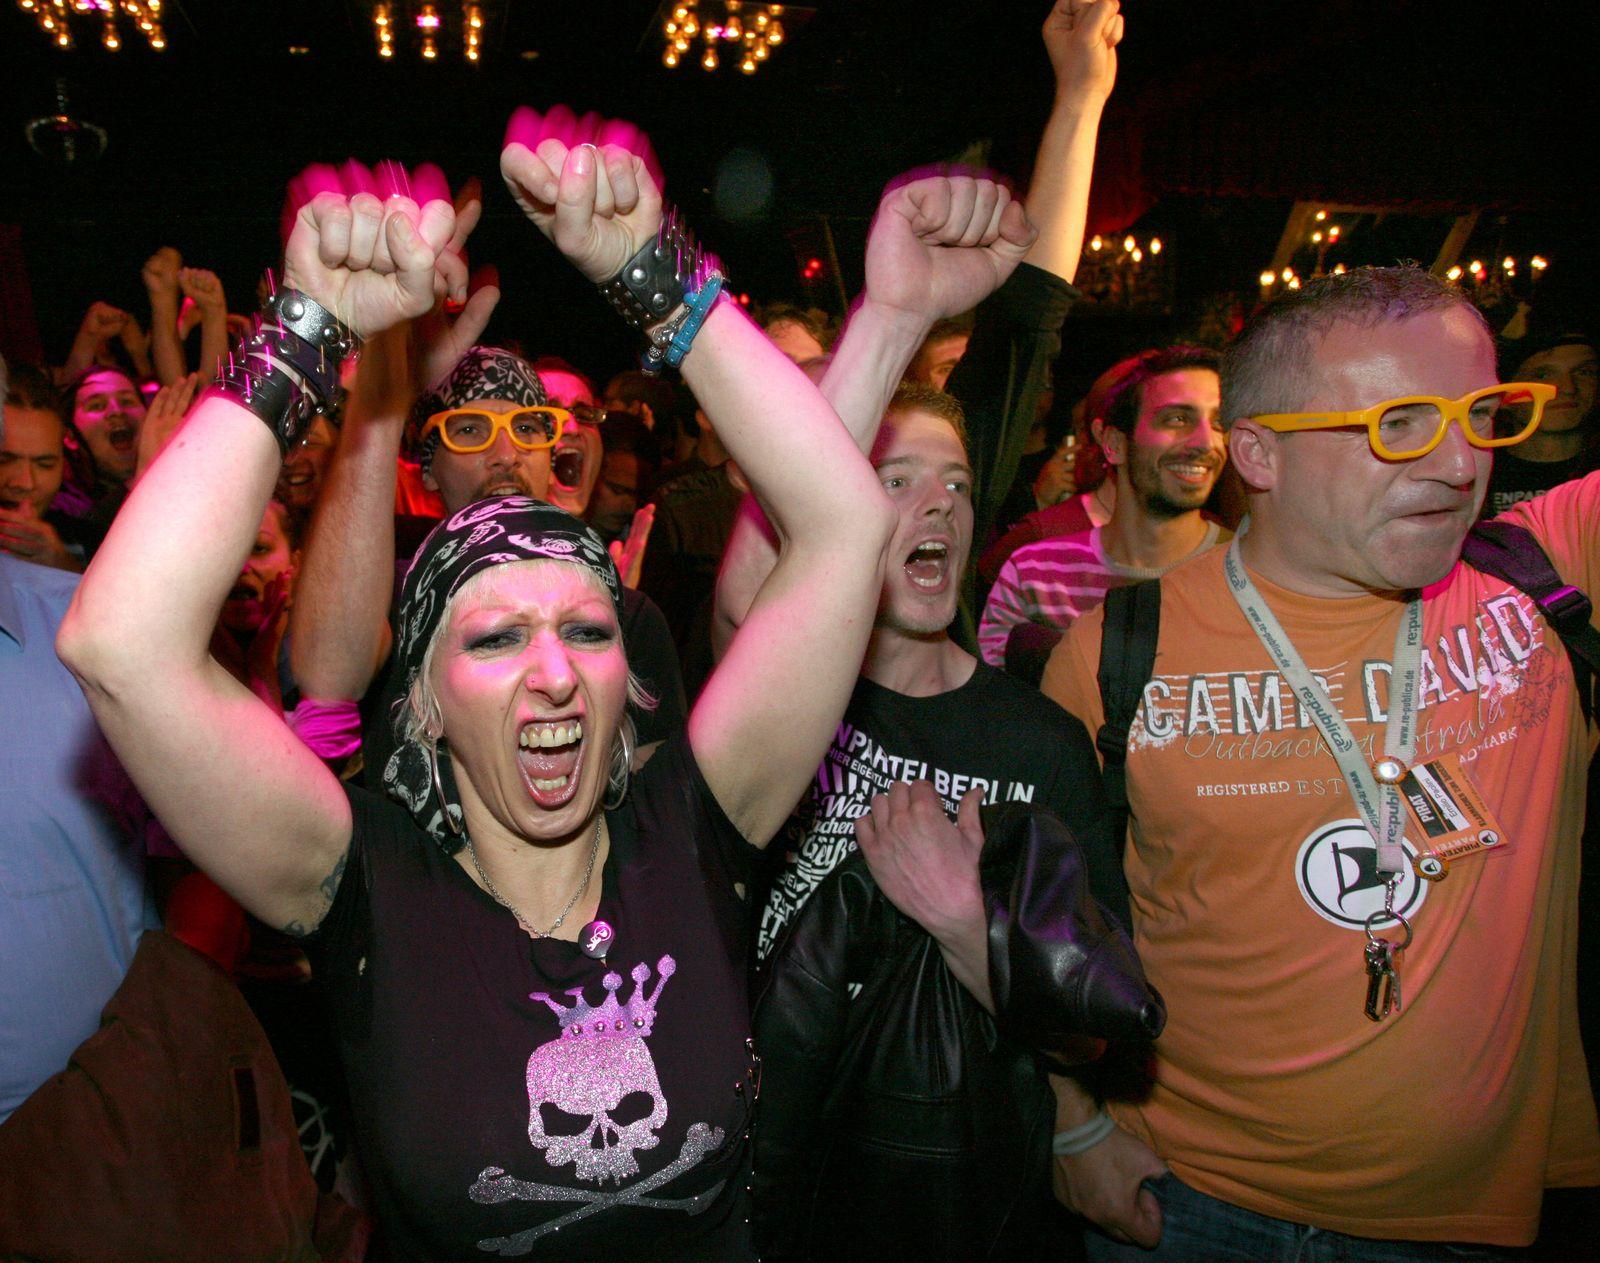 Berlin/ Wahlen/ Anhänger/ Piraten